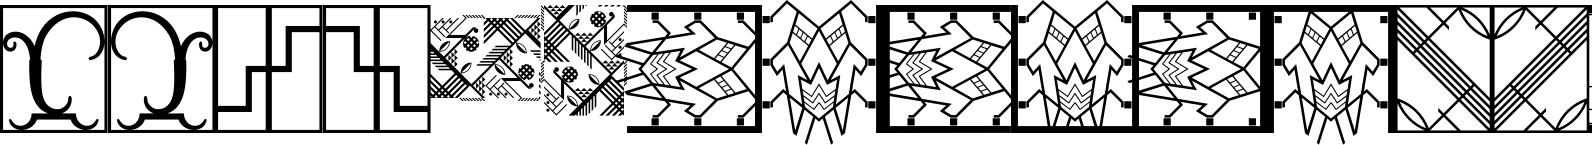 Ornamental Deco 2D